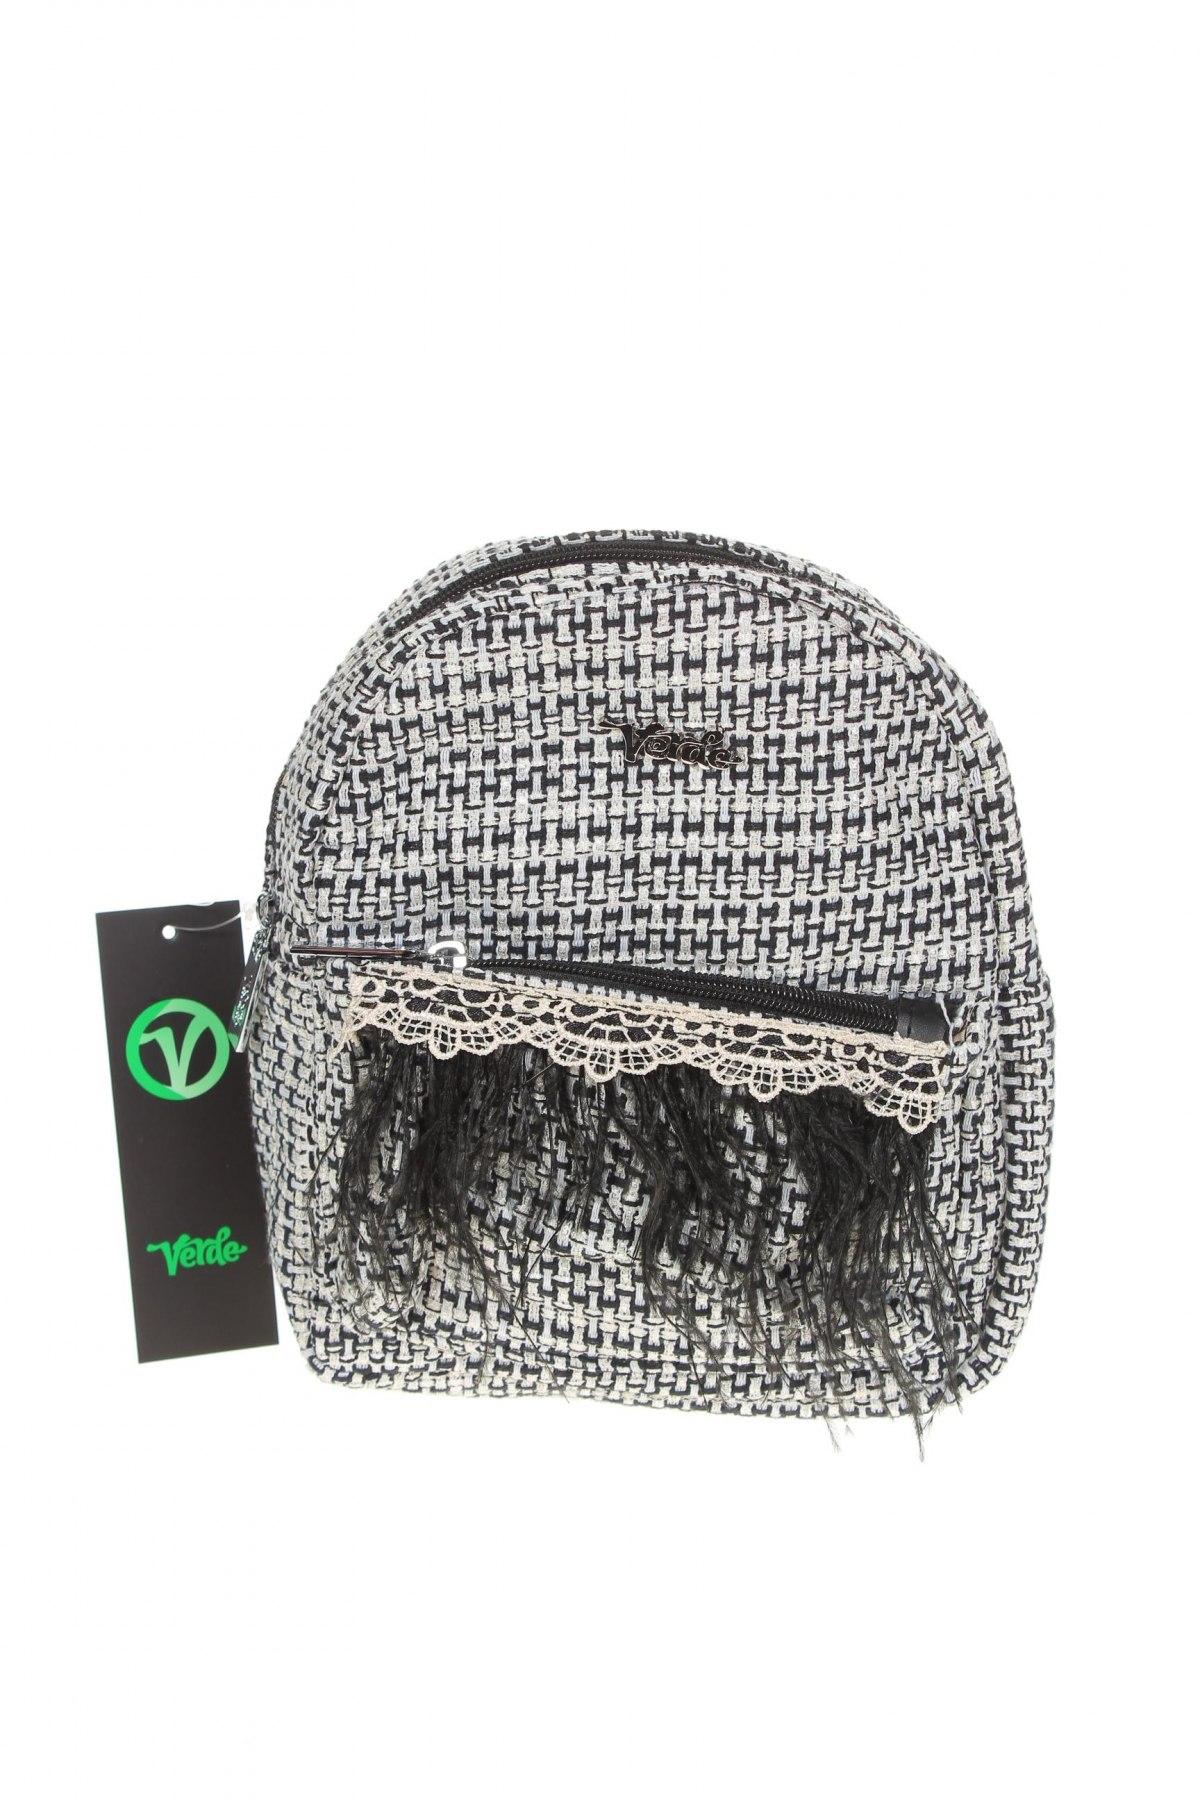 Дамска чанта Verde, Цвят Черен, Текстил, Цена 44,25лв.